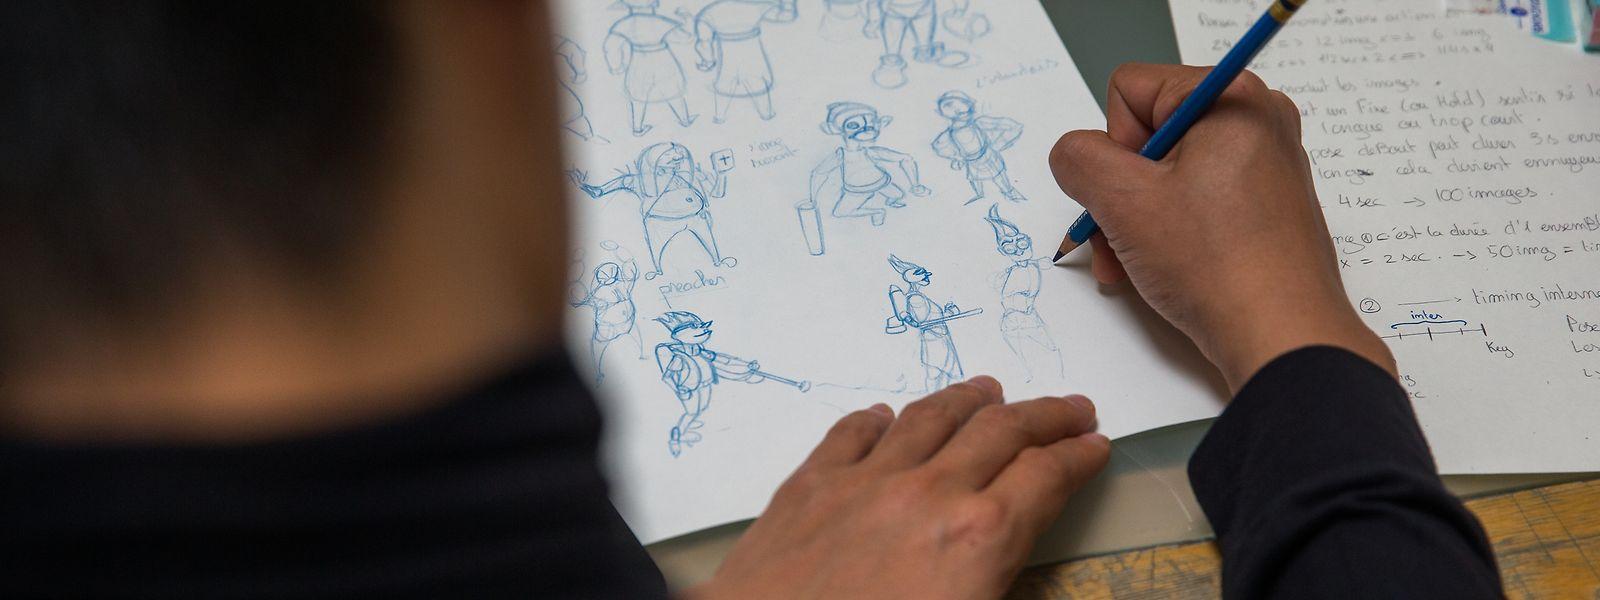 """Bevor beim """"BTS Animation"""" modernste Computertechnik zum Einsatz kommt, muss der Auszubildende vor allem das Zeichnen von Hand beherrschen."""